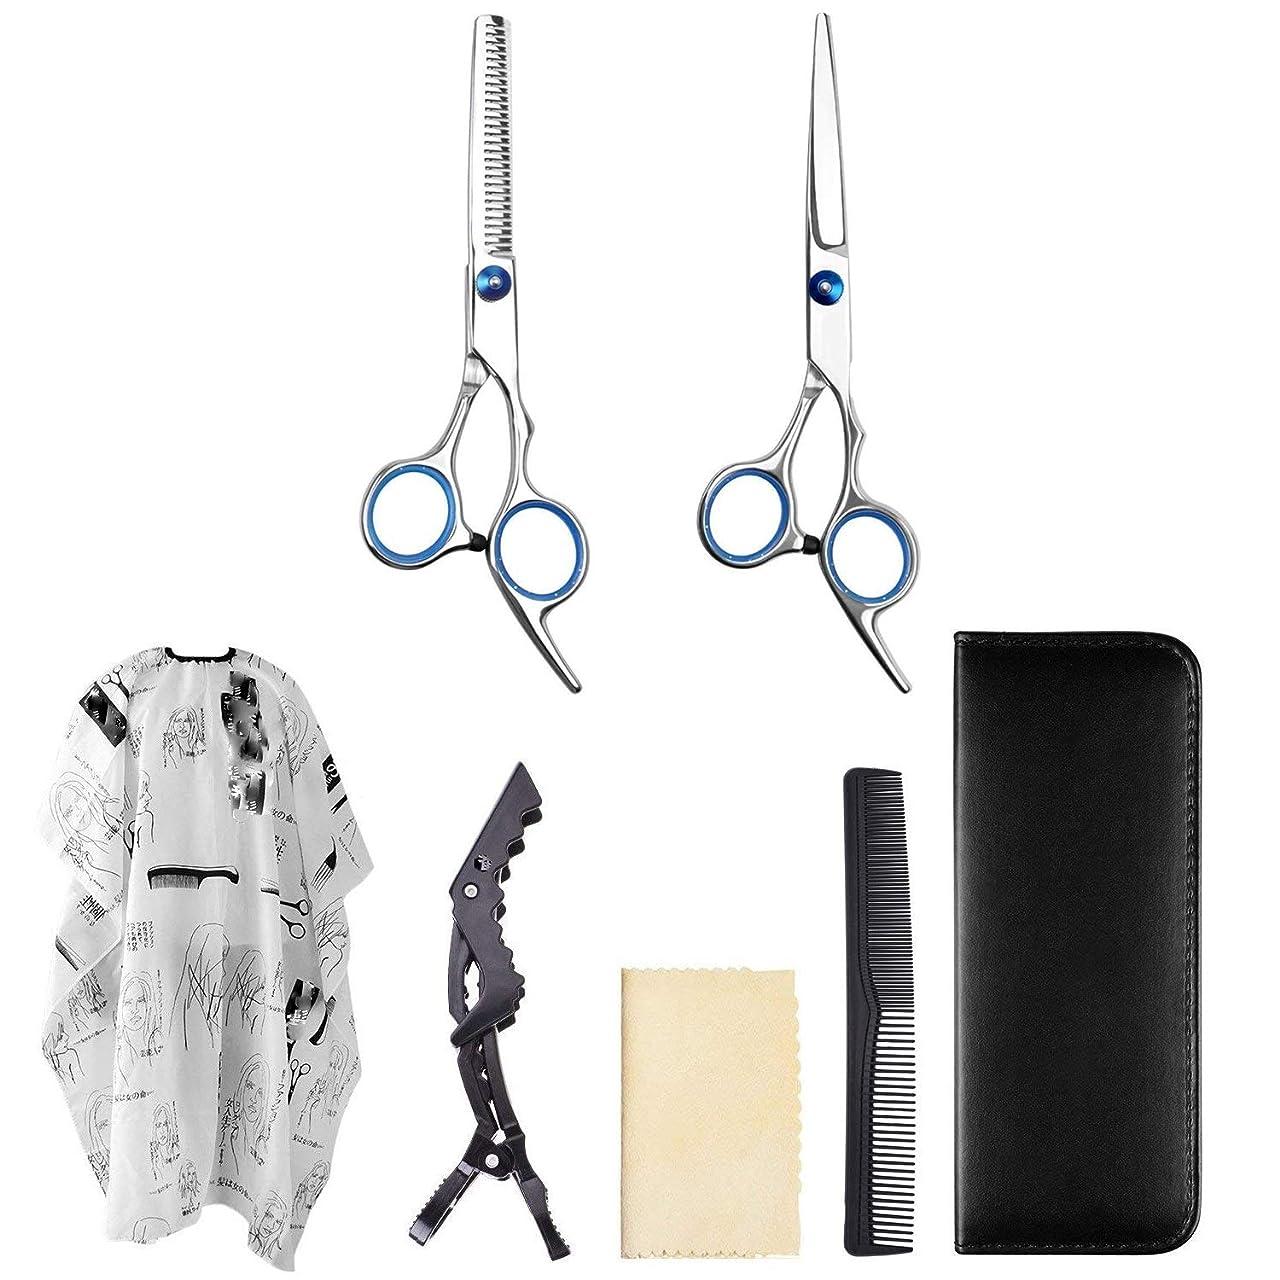 舗装する音声学理解シザー カットシザー ヘアカットはさみ/間伐用はさみ/プロの理髪師/サロンかみそりエッジツールセット/サロンケープサロン、理髪店、およびヘア愛好家に最適 ヘアカット シザー